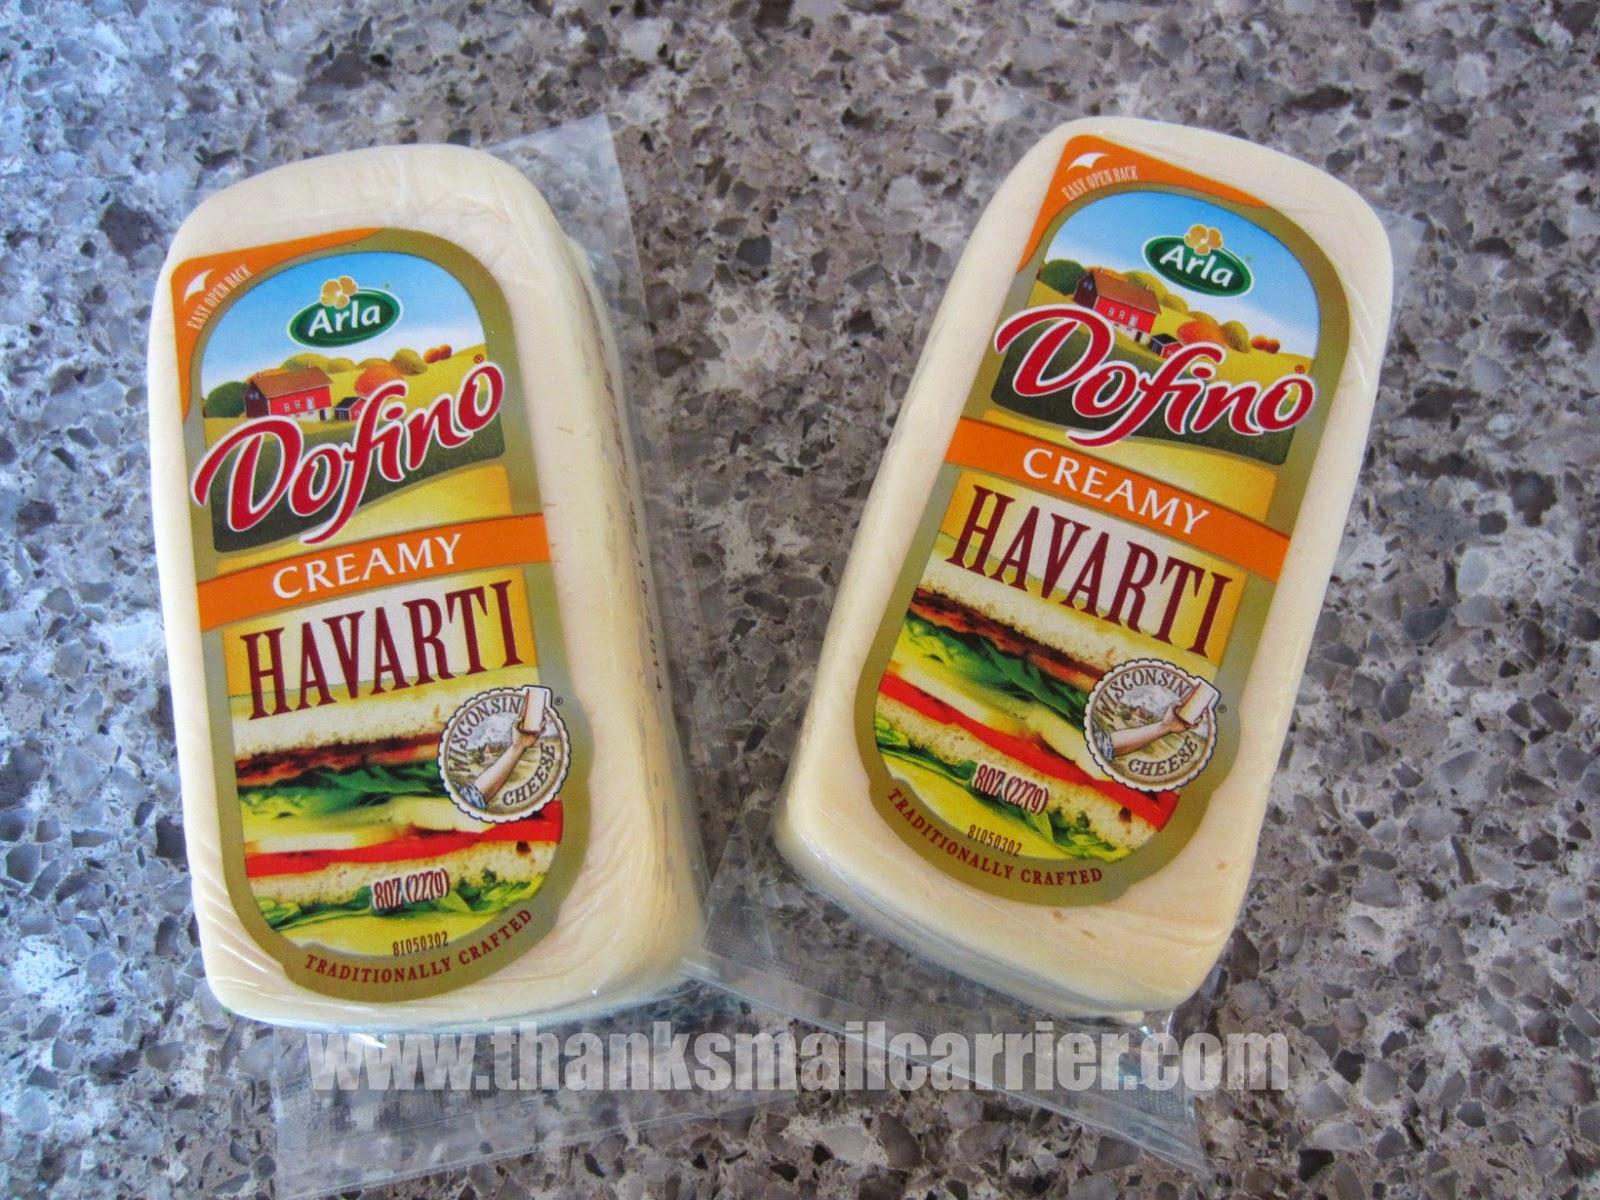 Arla Dofino Havarti cheese